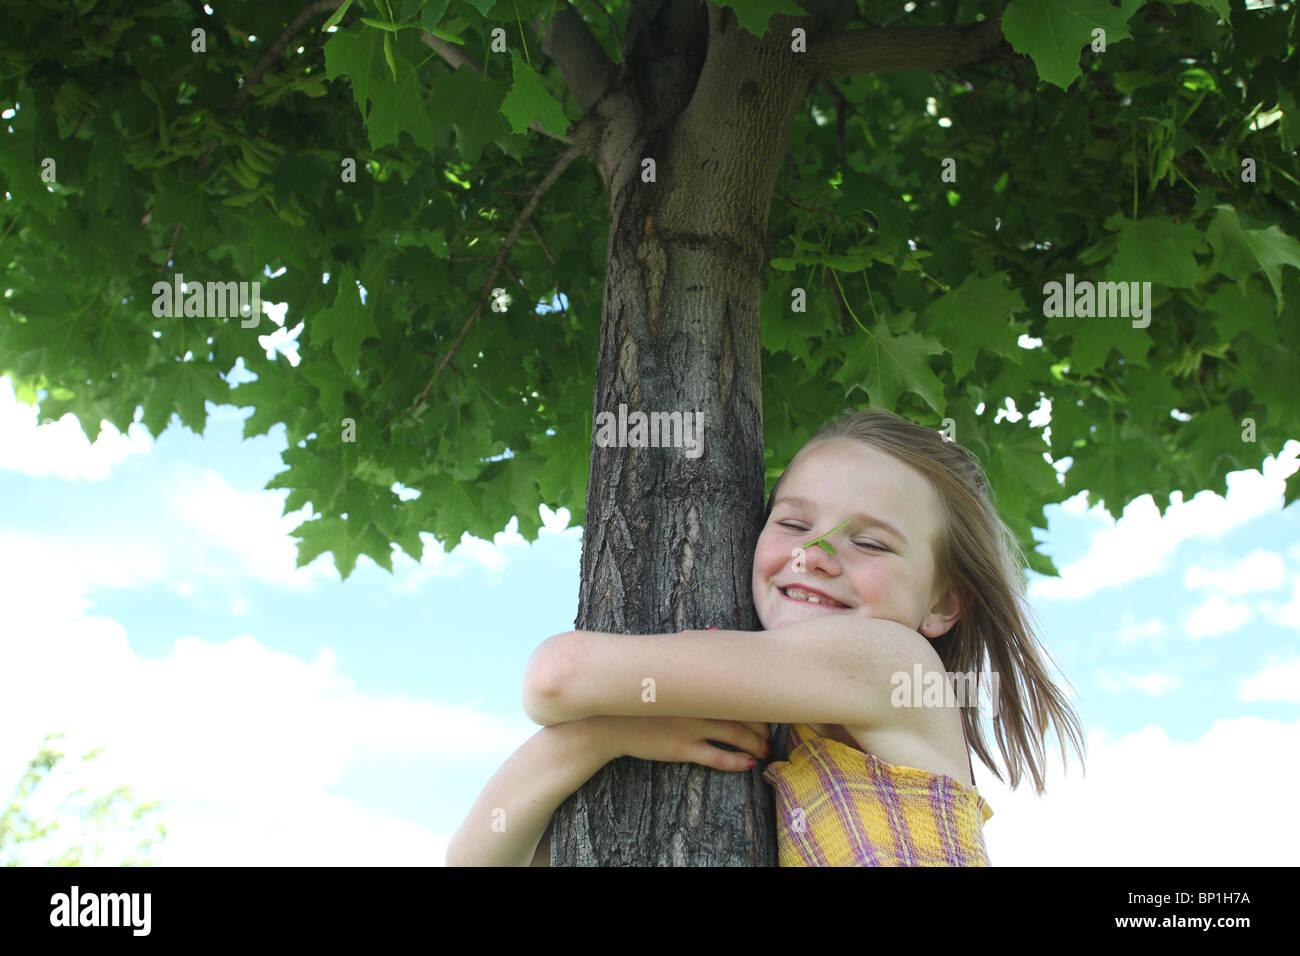 Chica abrazando árbol de arce Imagen De Stock